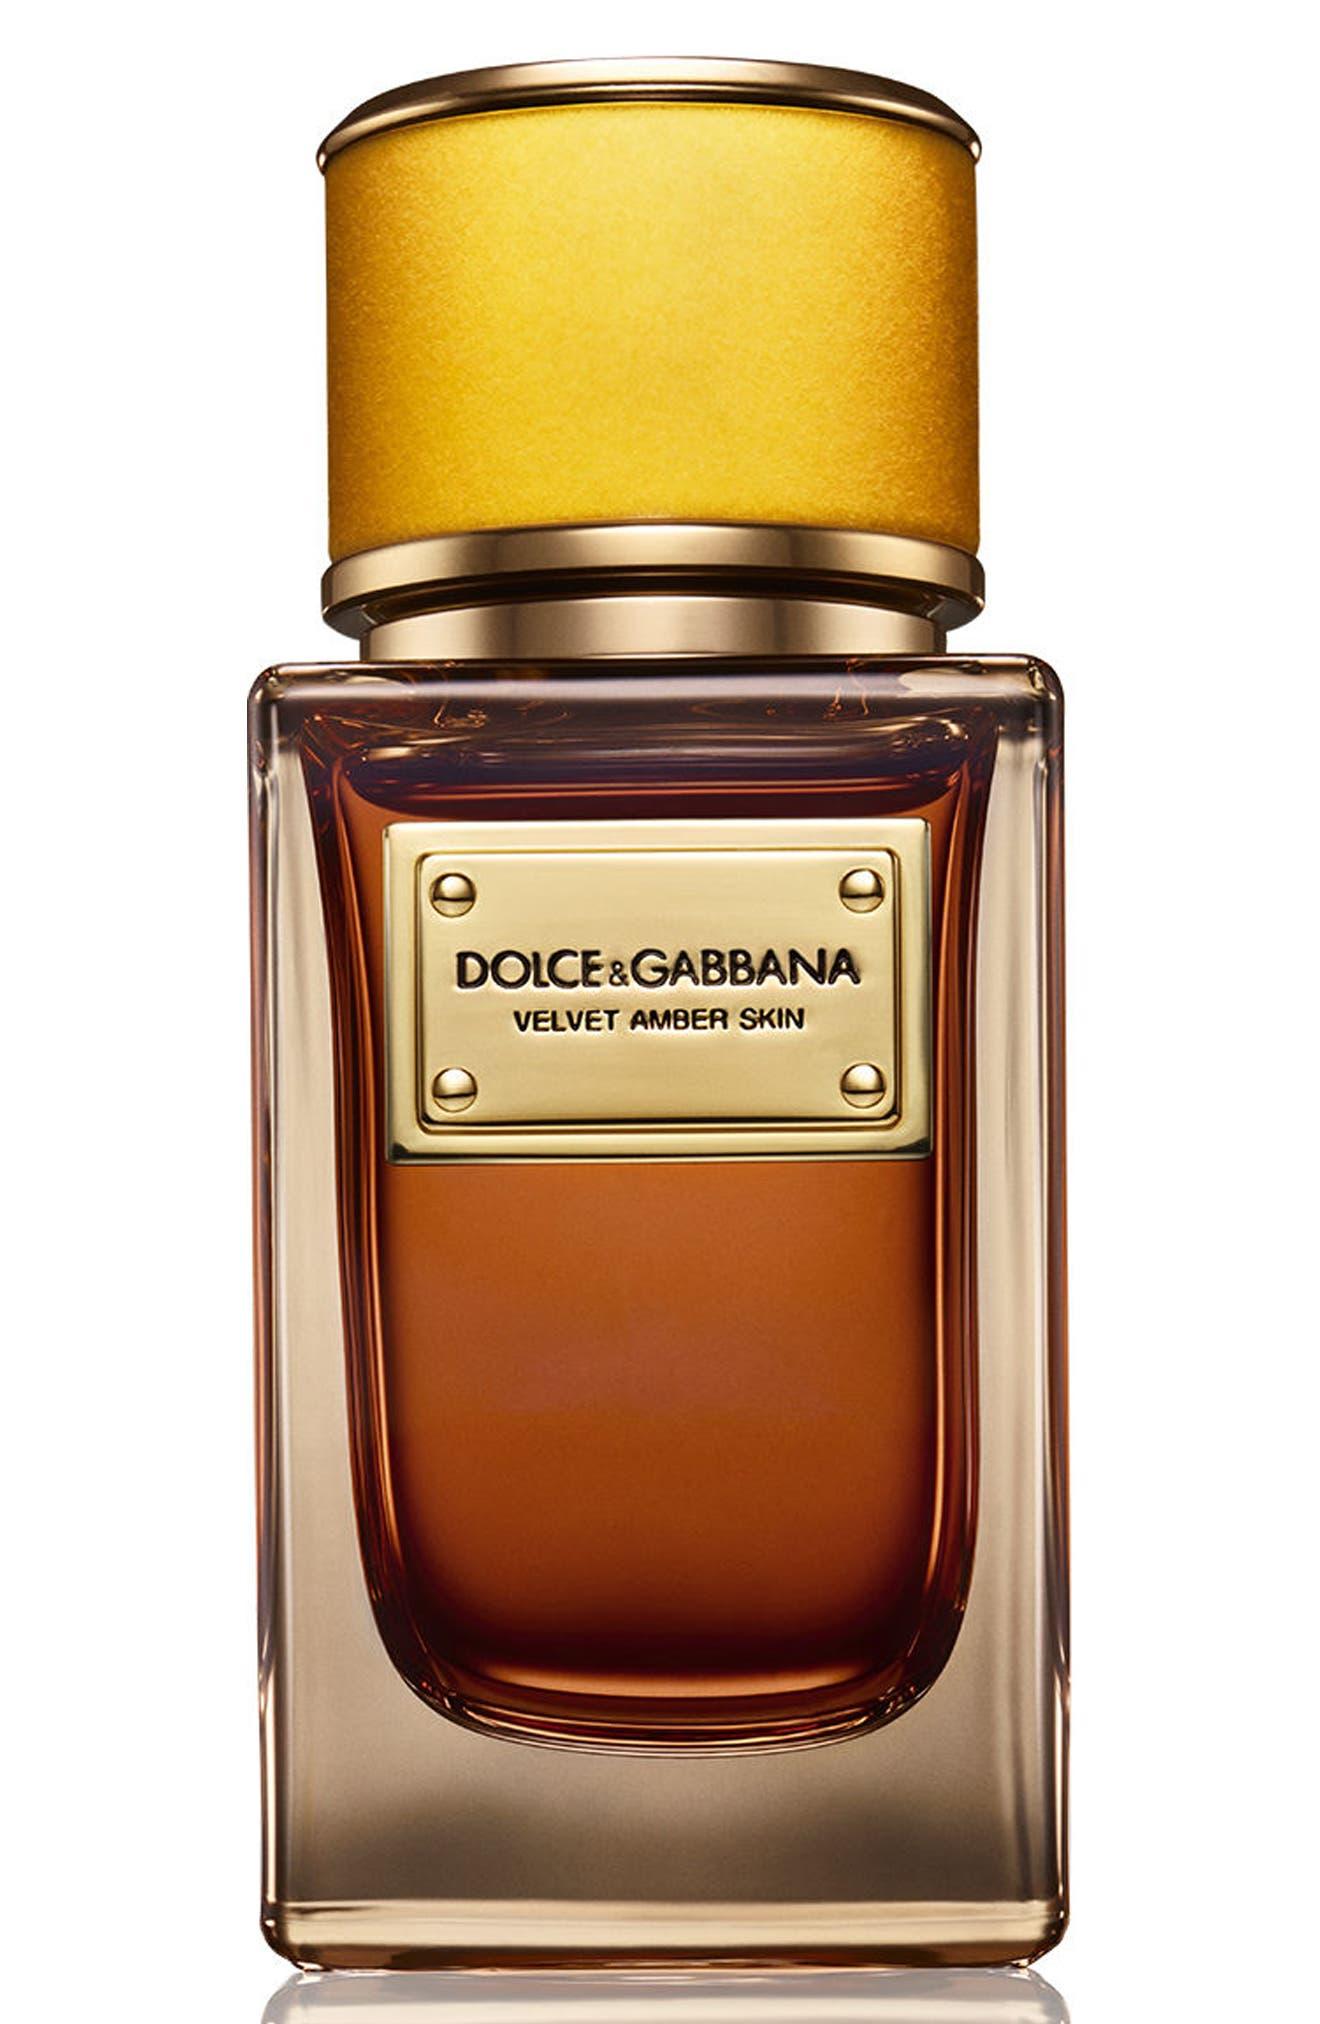 Dolce&Gabbana Velvet Amber Skin Eau de Parfum,                         Main,                         color, No Color